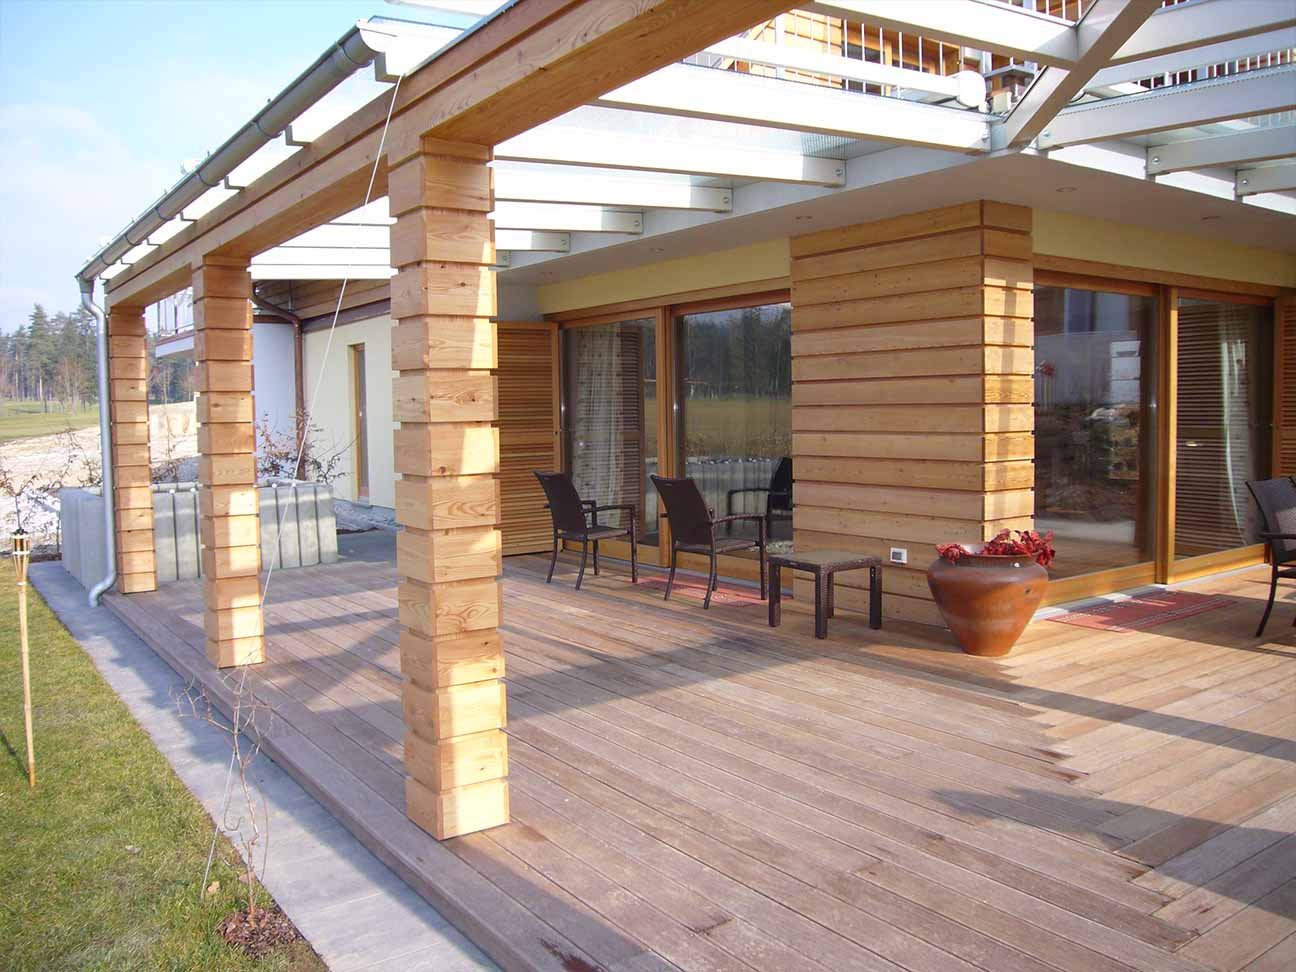 Terrasse holz dauerhaftigkeitsklasse - Moderne zimmerturen ...